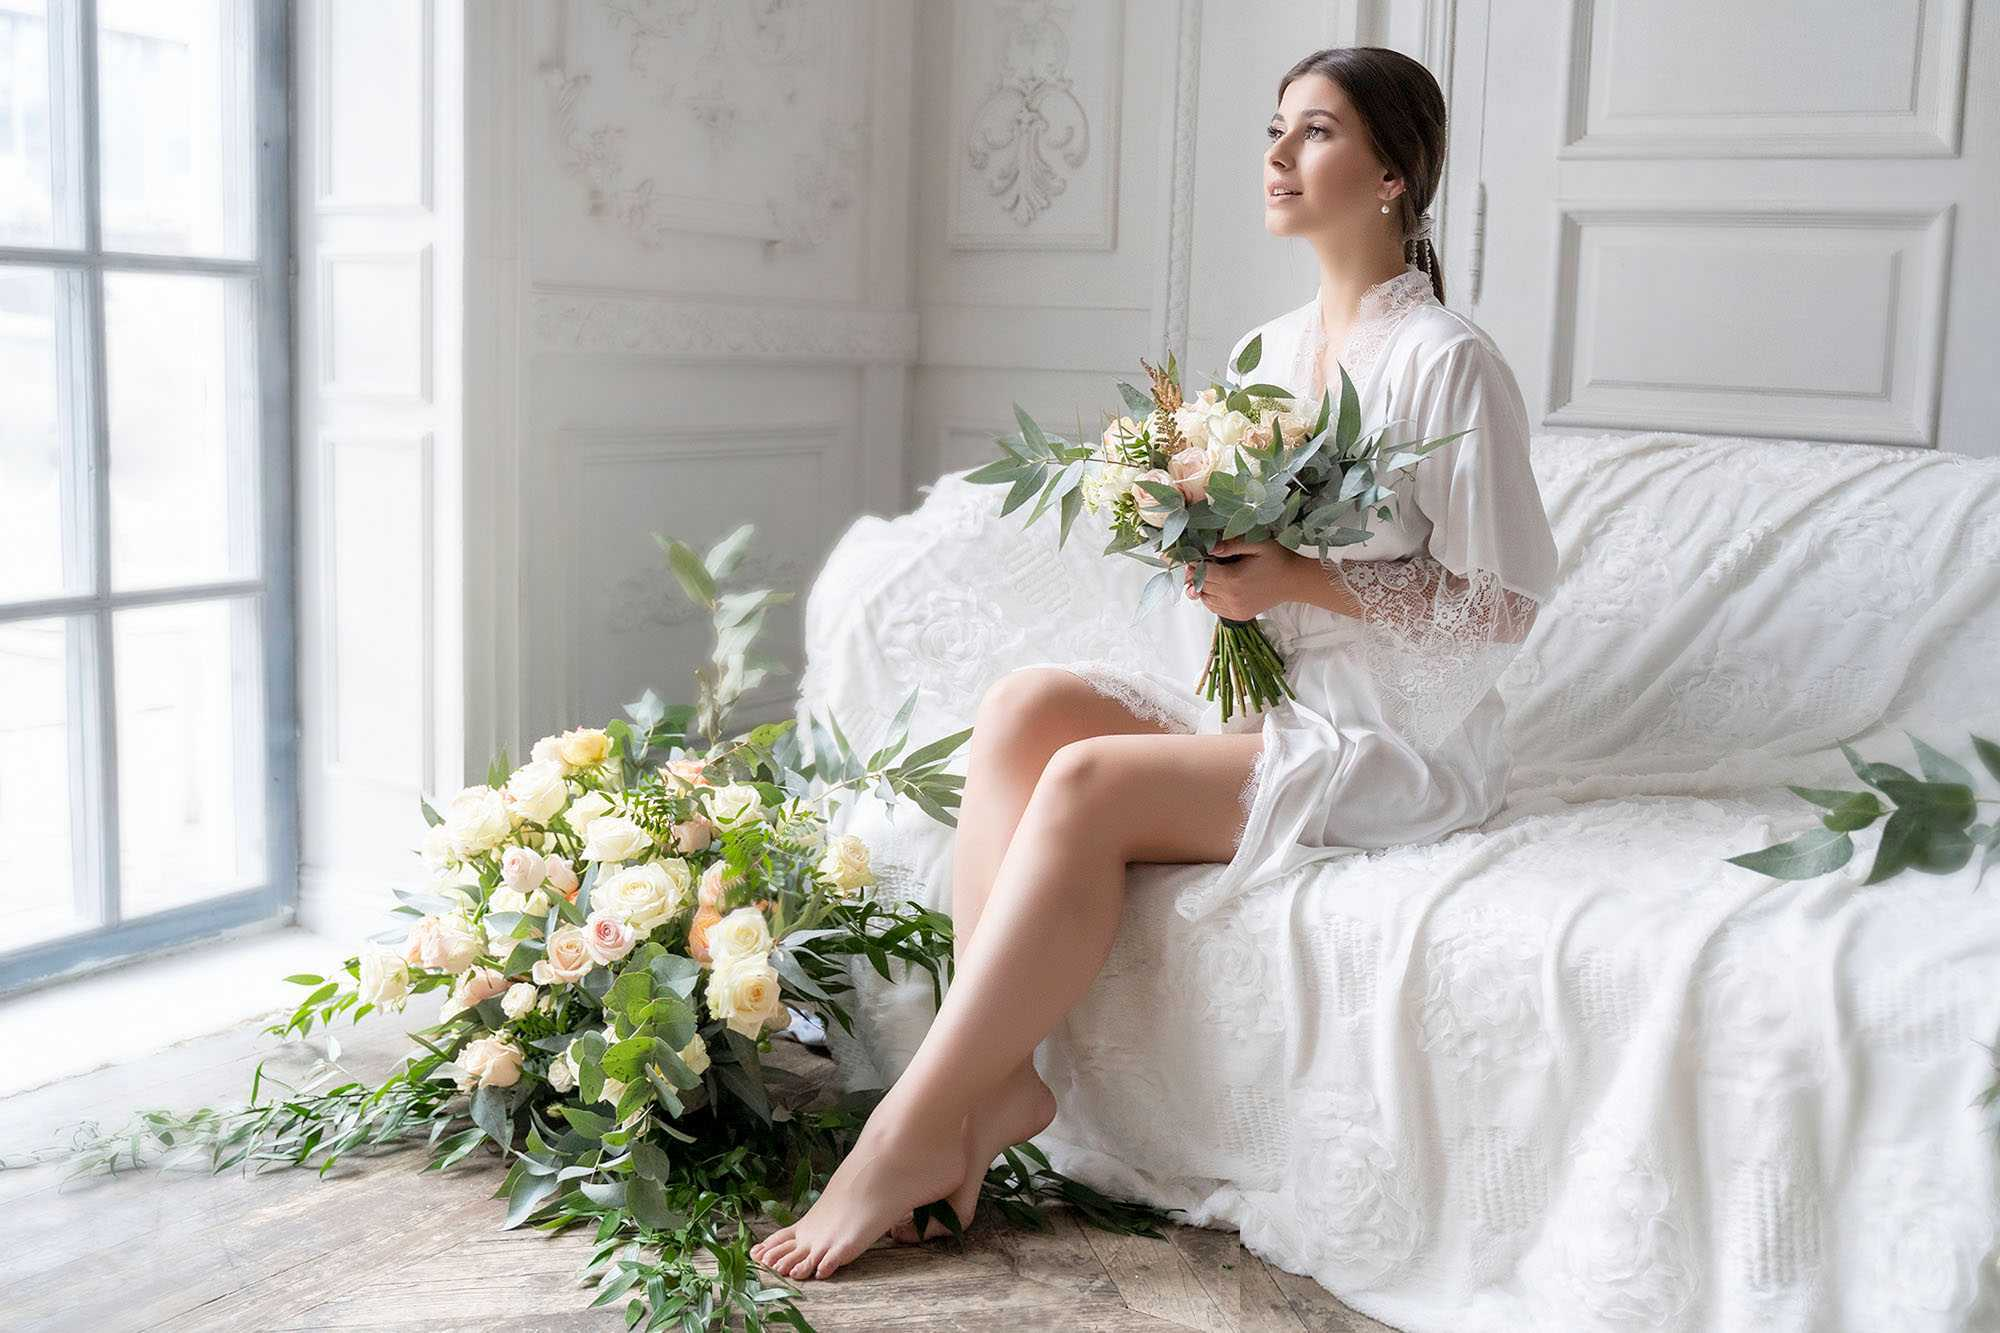 утро невесты фотограф Алексей никольский